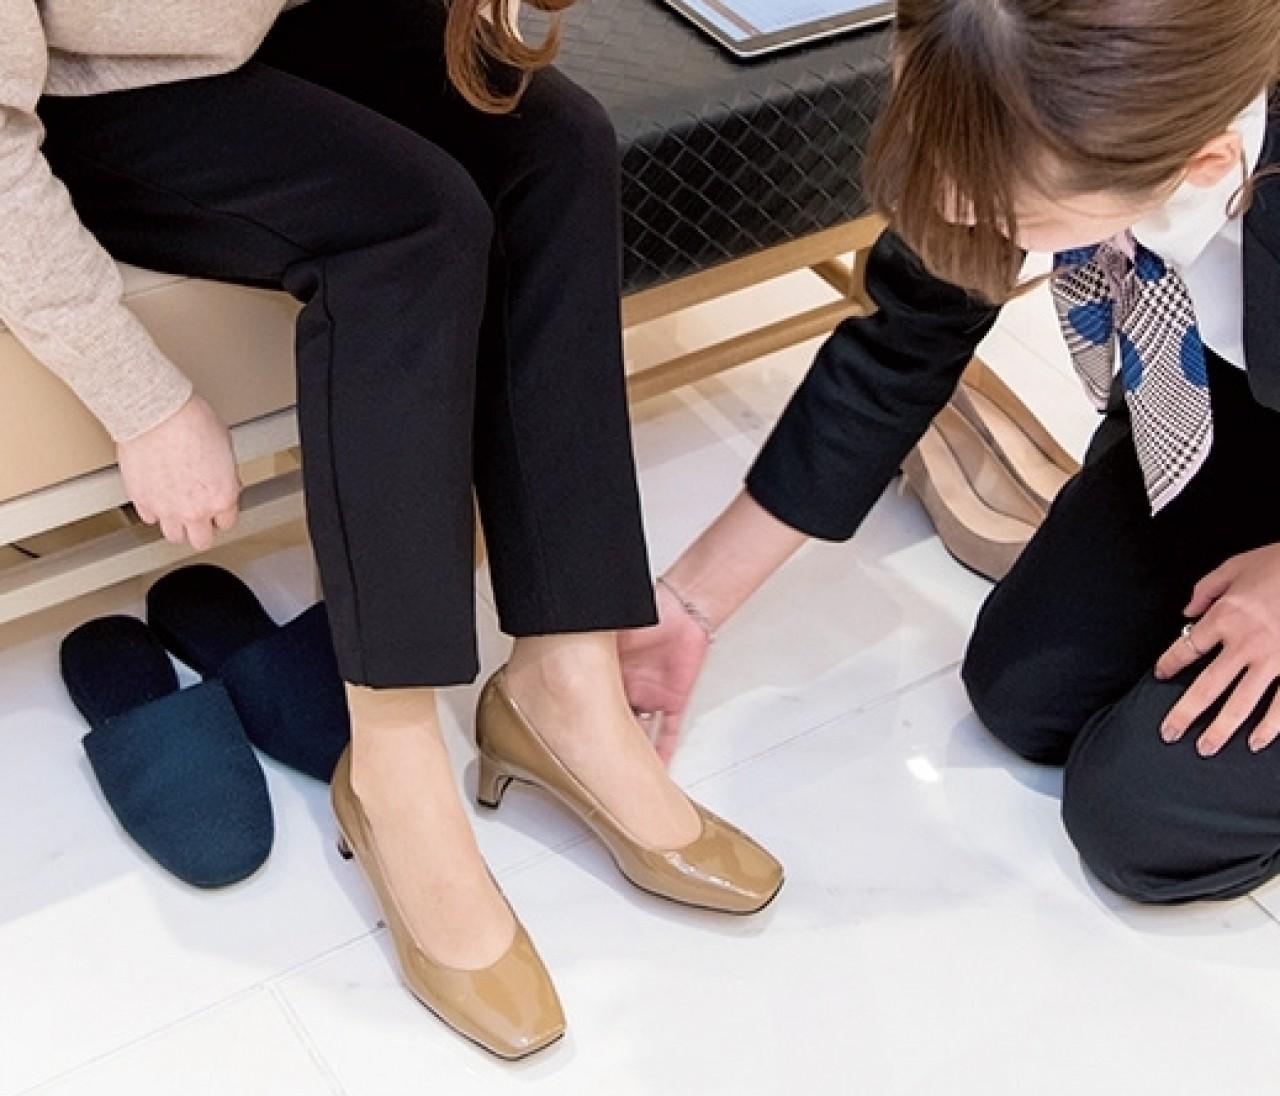 自分の足に合う靴が簡単に選べる「YourFIT365」を体験!